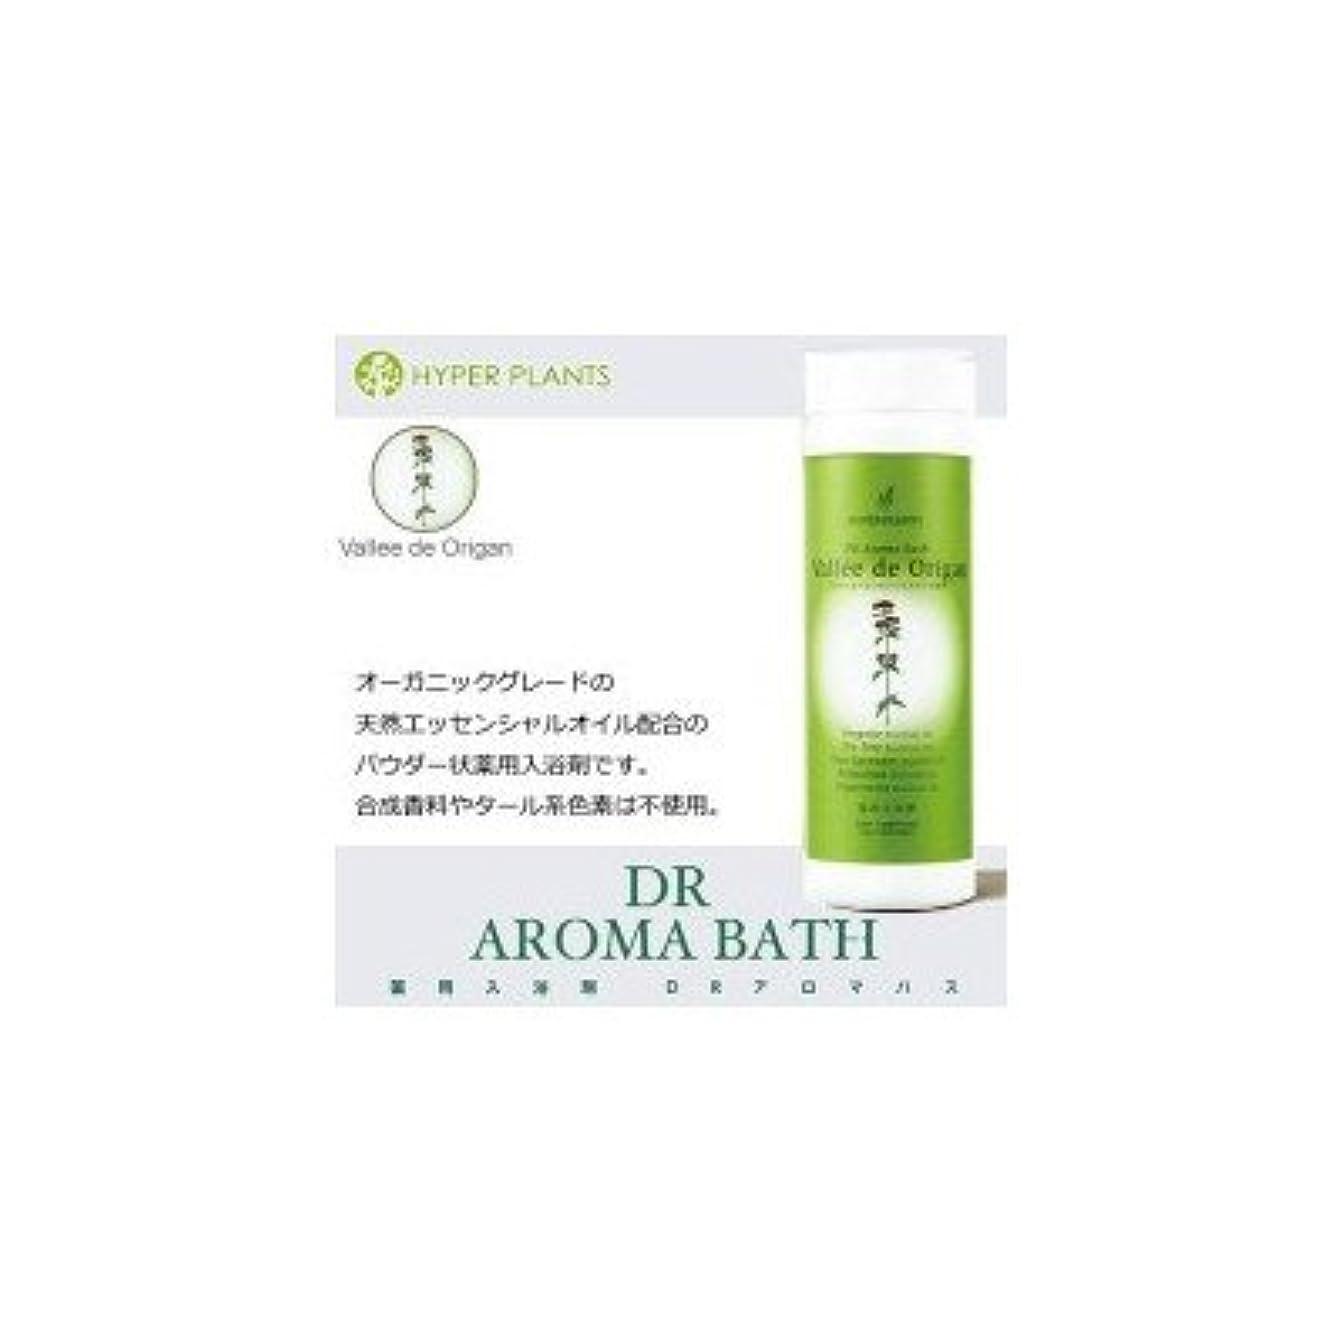 軽の量ほこりっぽい医薬部外品 薬用入浴剤 ハイパープランツ(HYPER PLANTS) DRアロマバス ヴァレドオリガン 500g HN0218